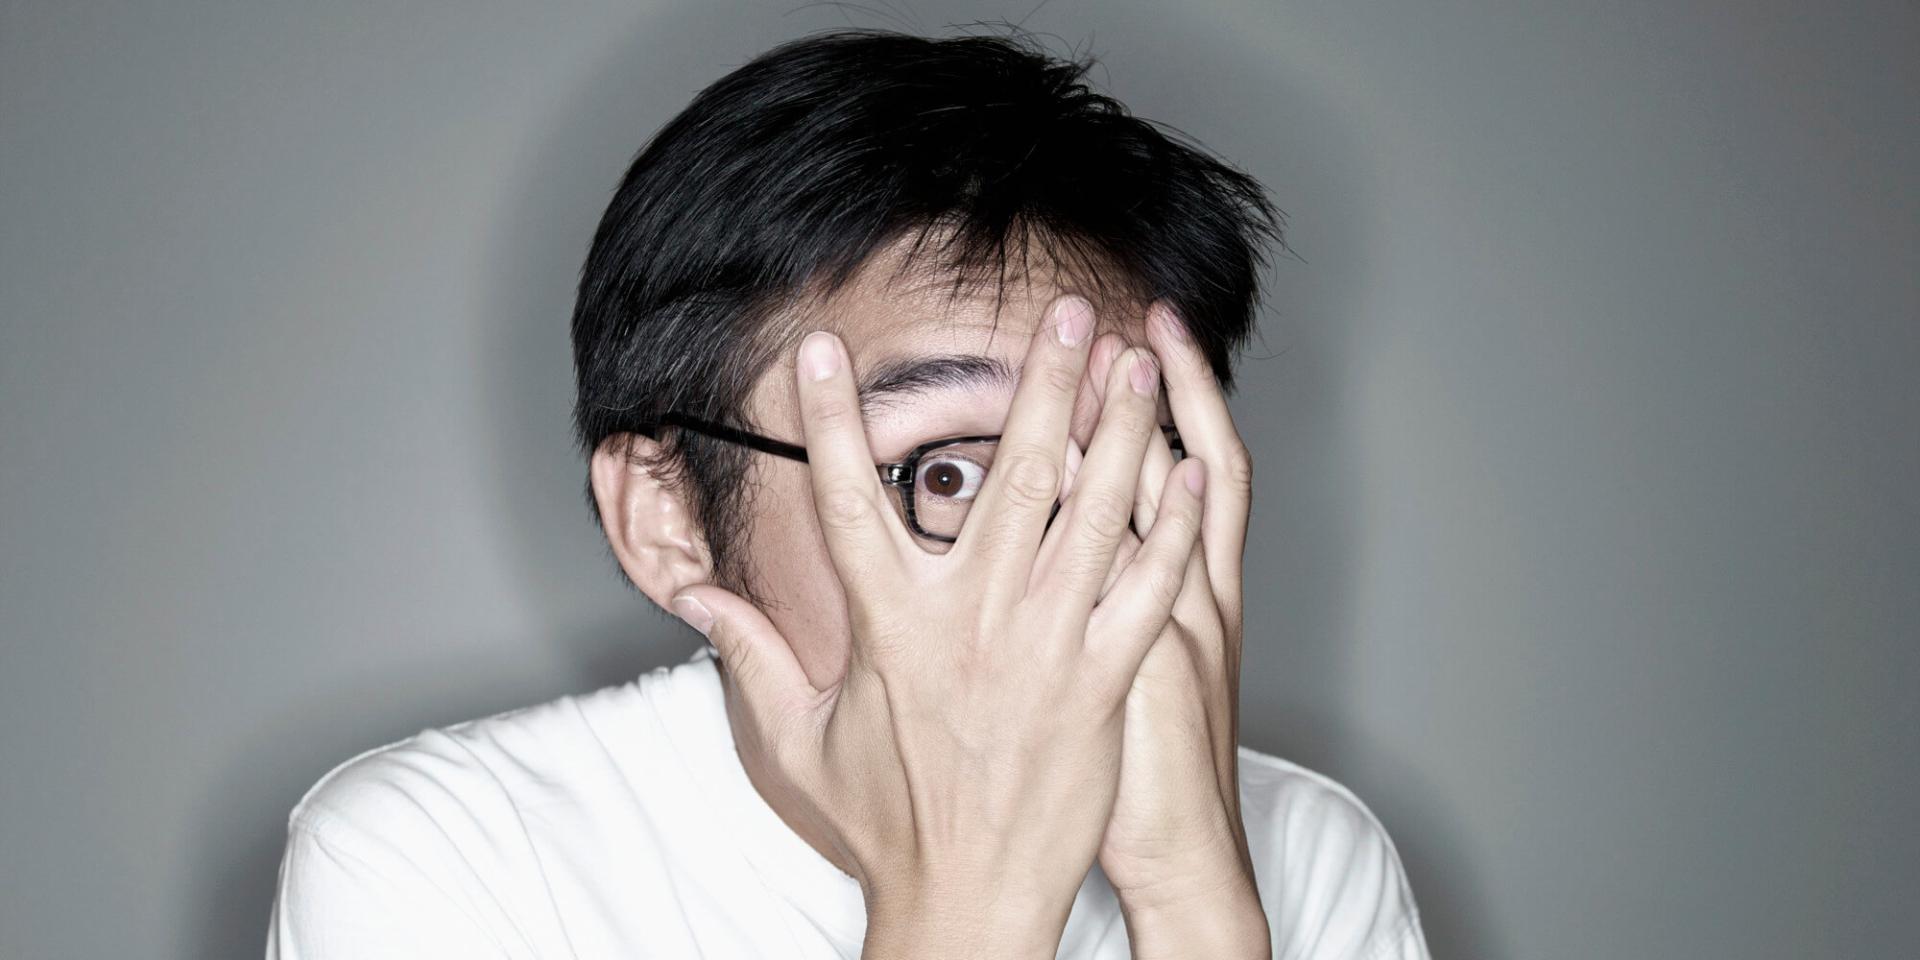 Что делать, если у тебя паника из-за коронавируса?